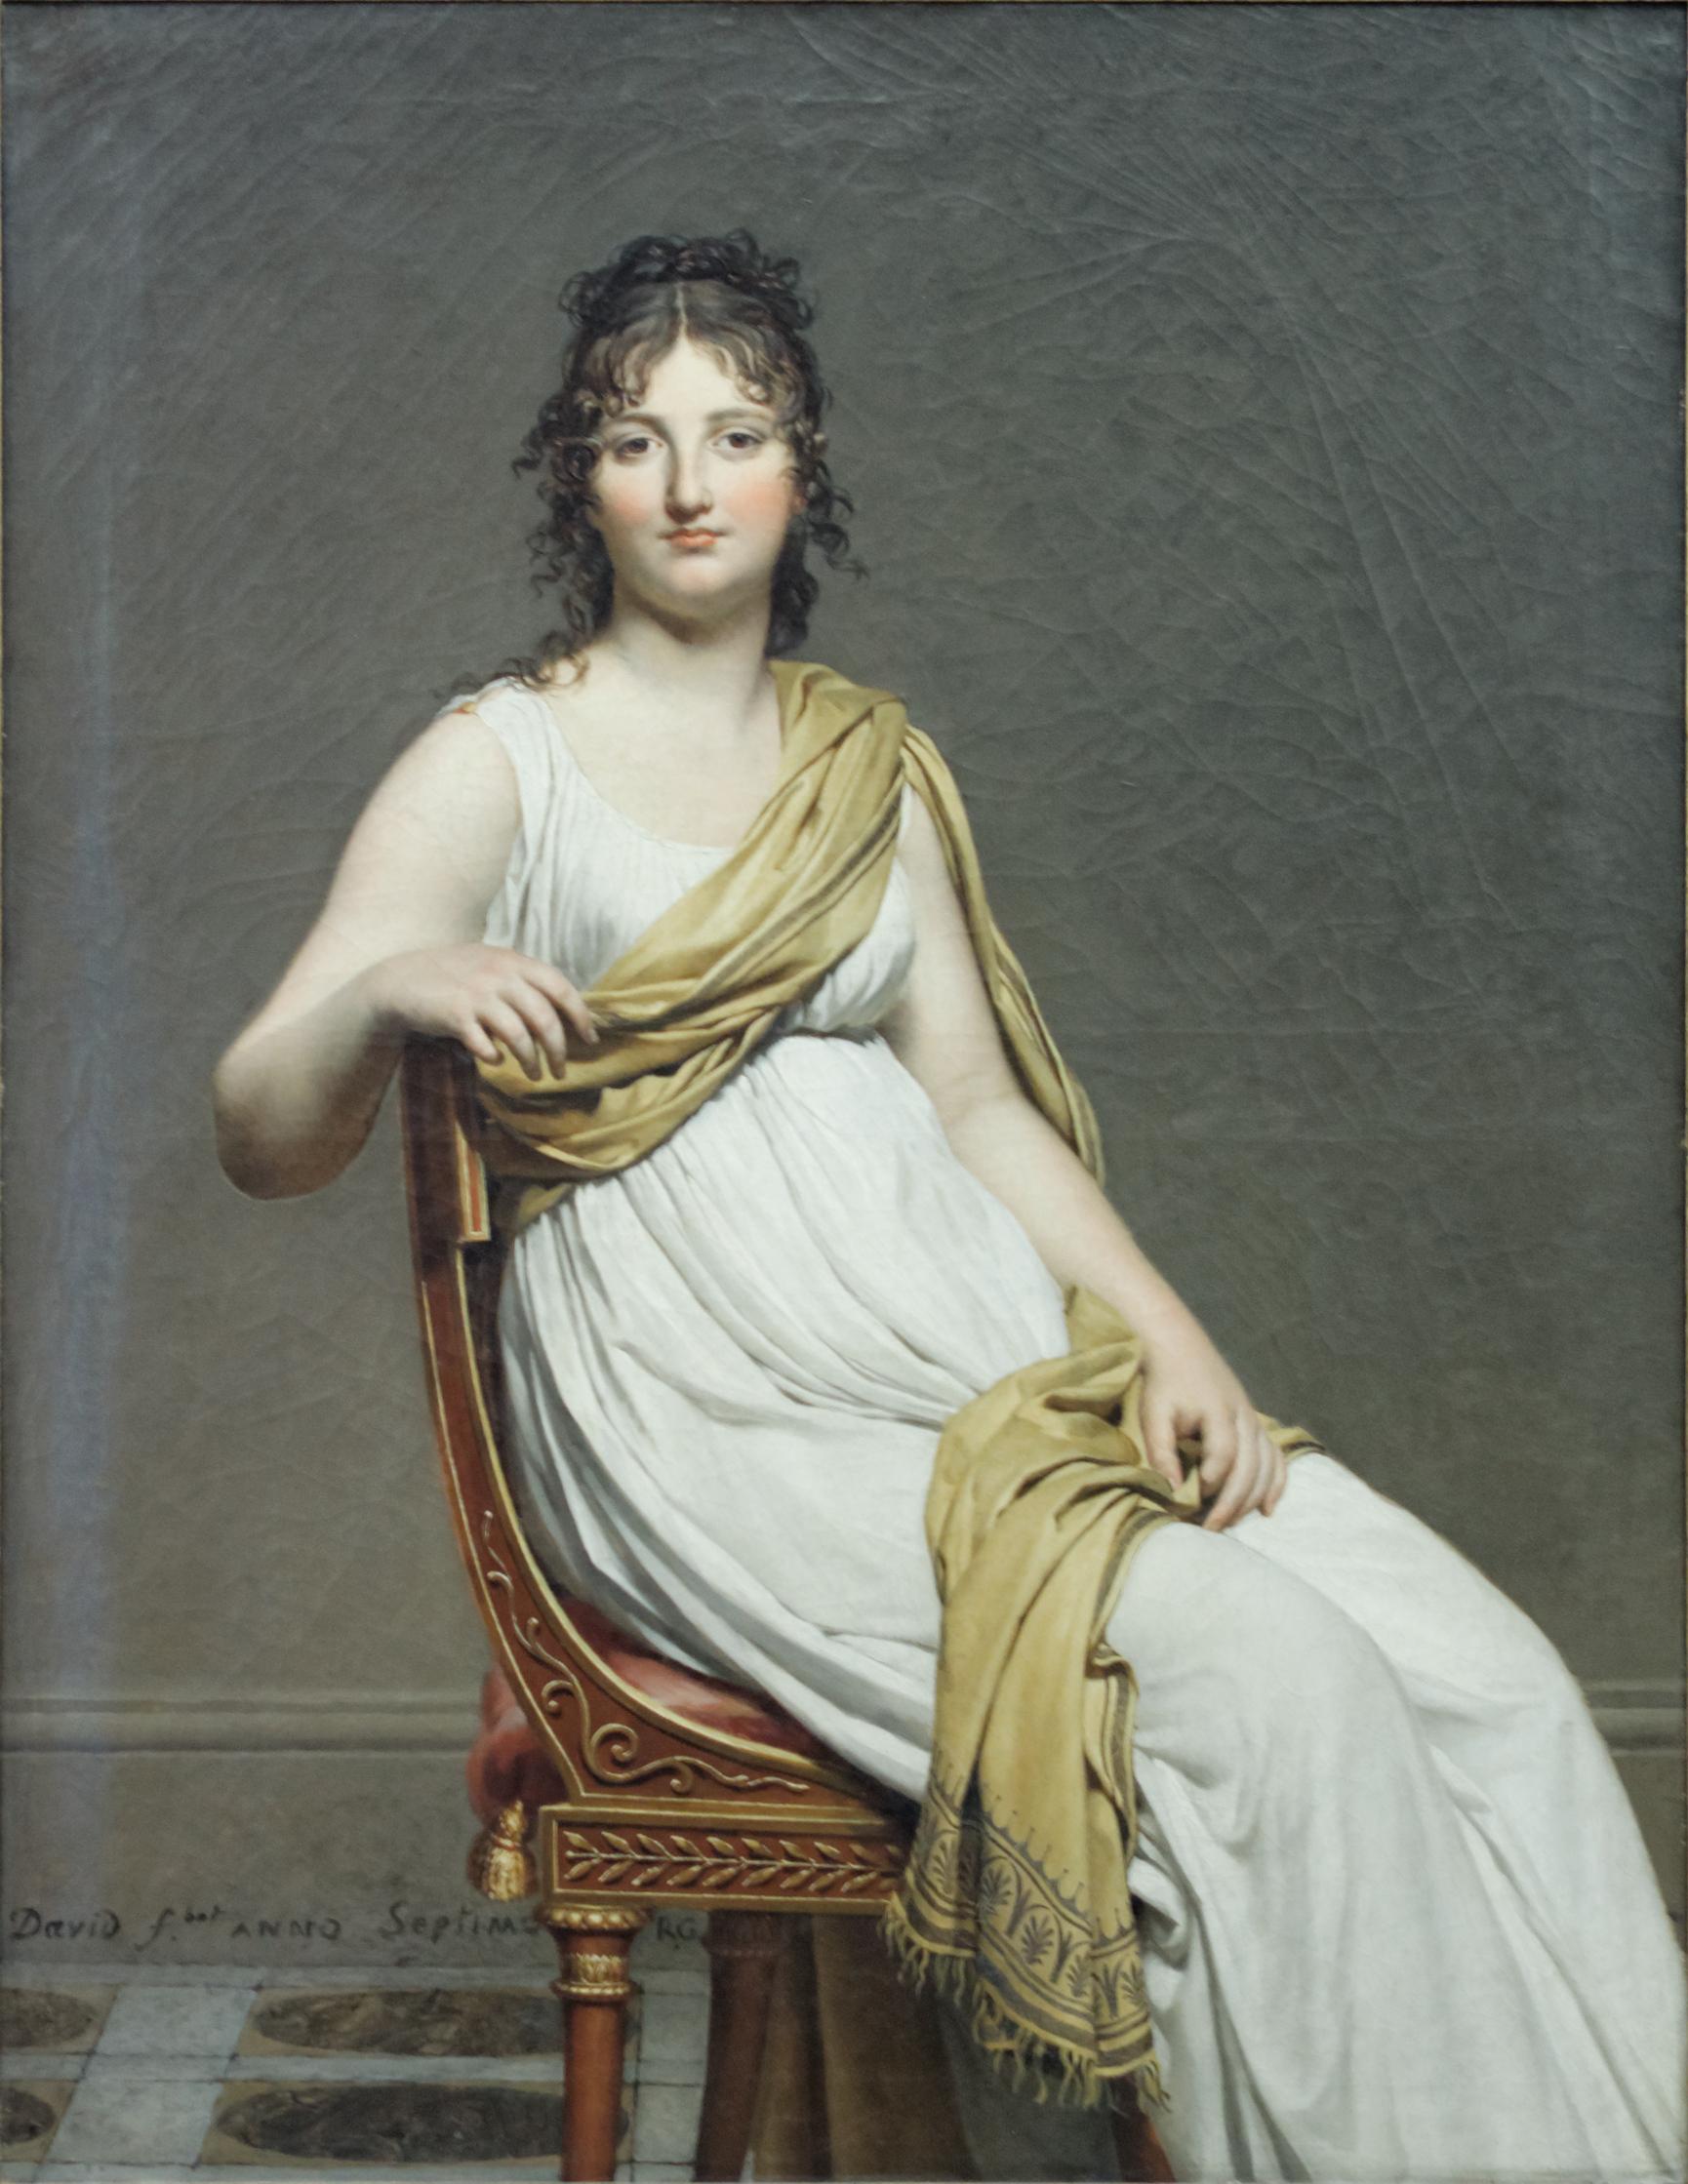 Portrait_de_madame_de_Verninac_by_David_Louvre_RF1942-16_n2